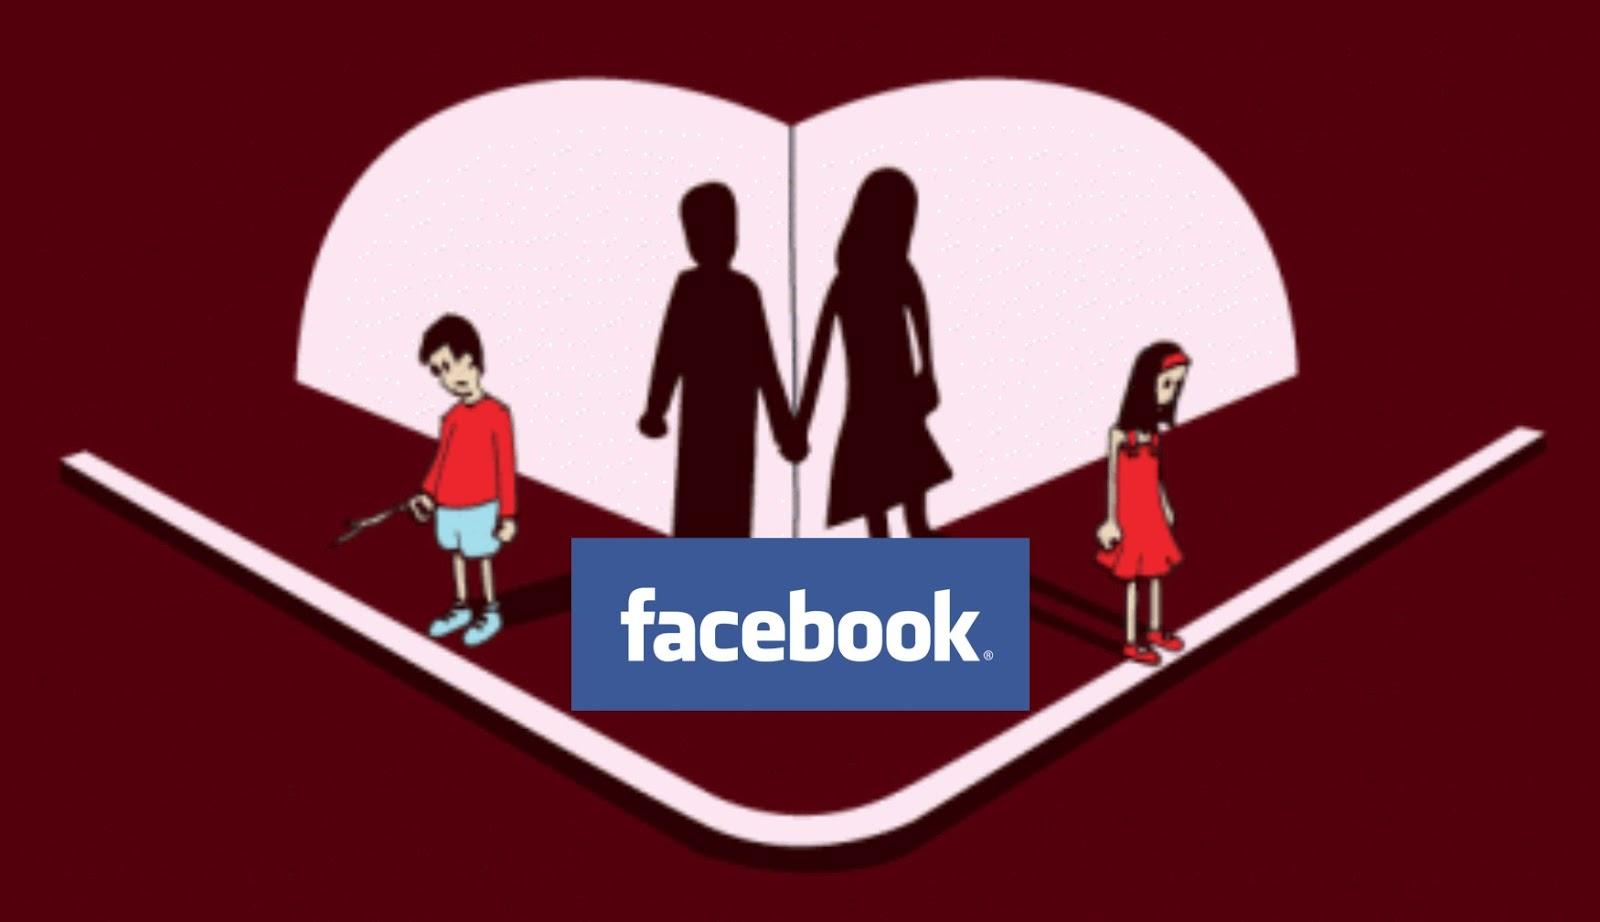 facebook dia de enamorados